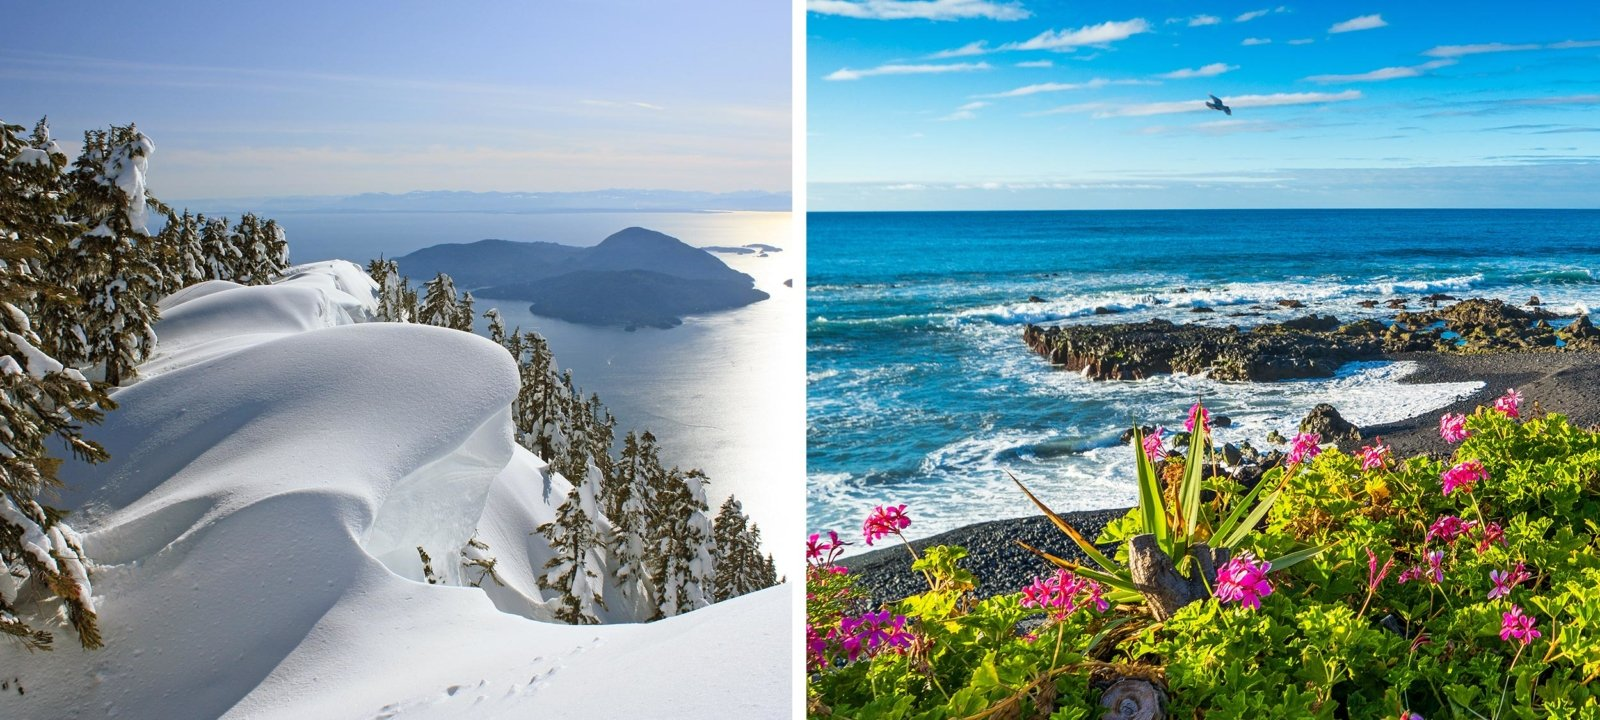 Schnee oder Meer?